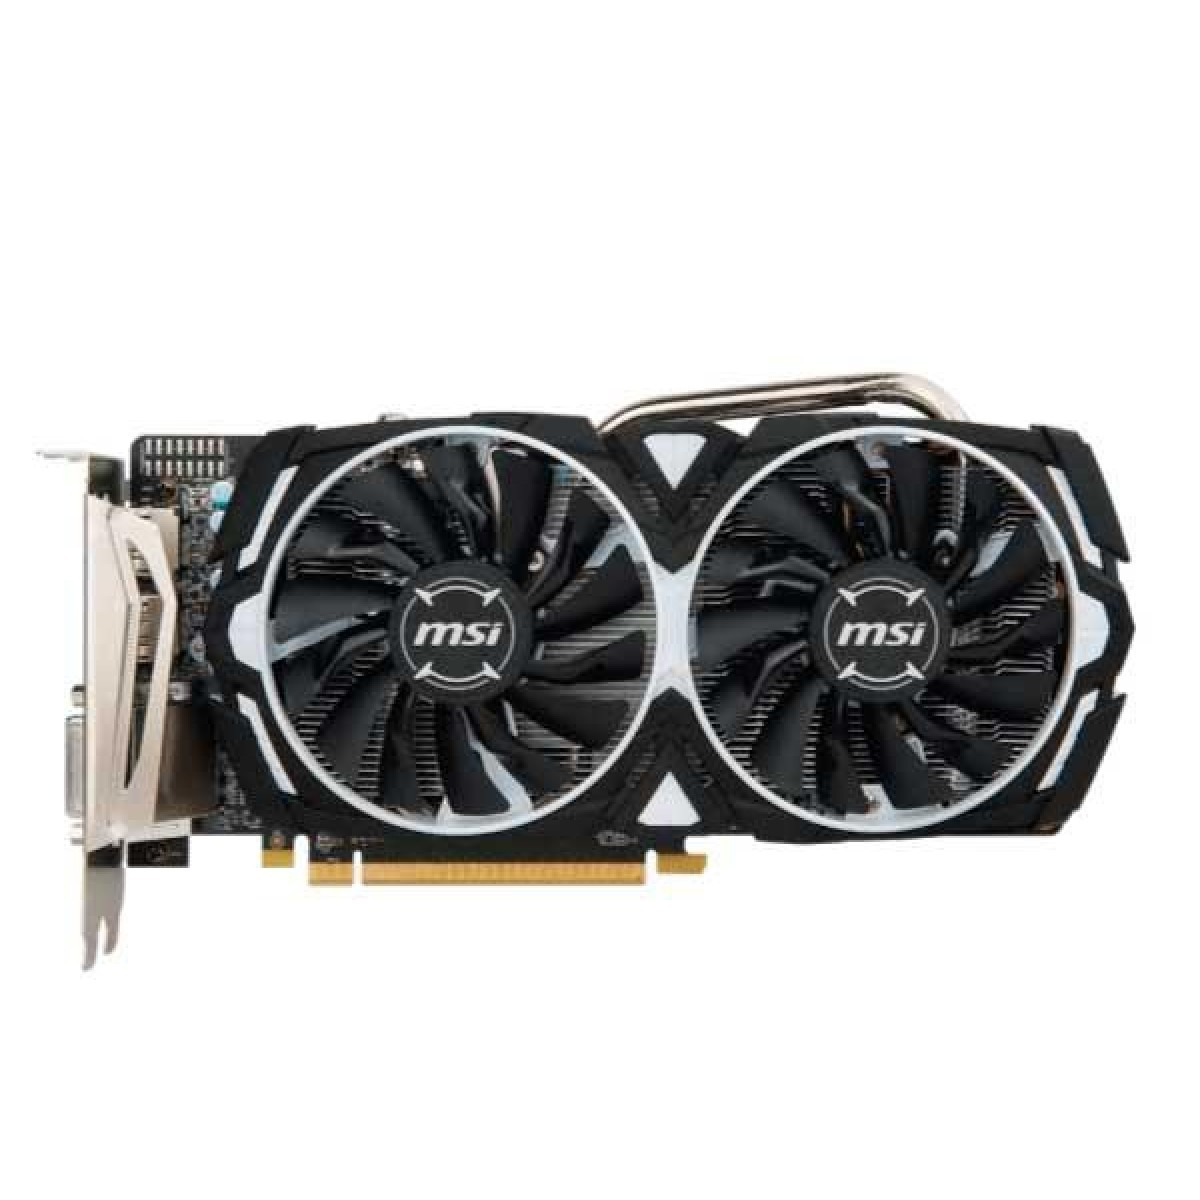 Placa de Vídeo MSI, Radeon, RX 570 Armor 4G OC V1, 4GB, GDDR5, 256Bit, 912-V341-297